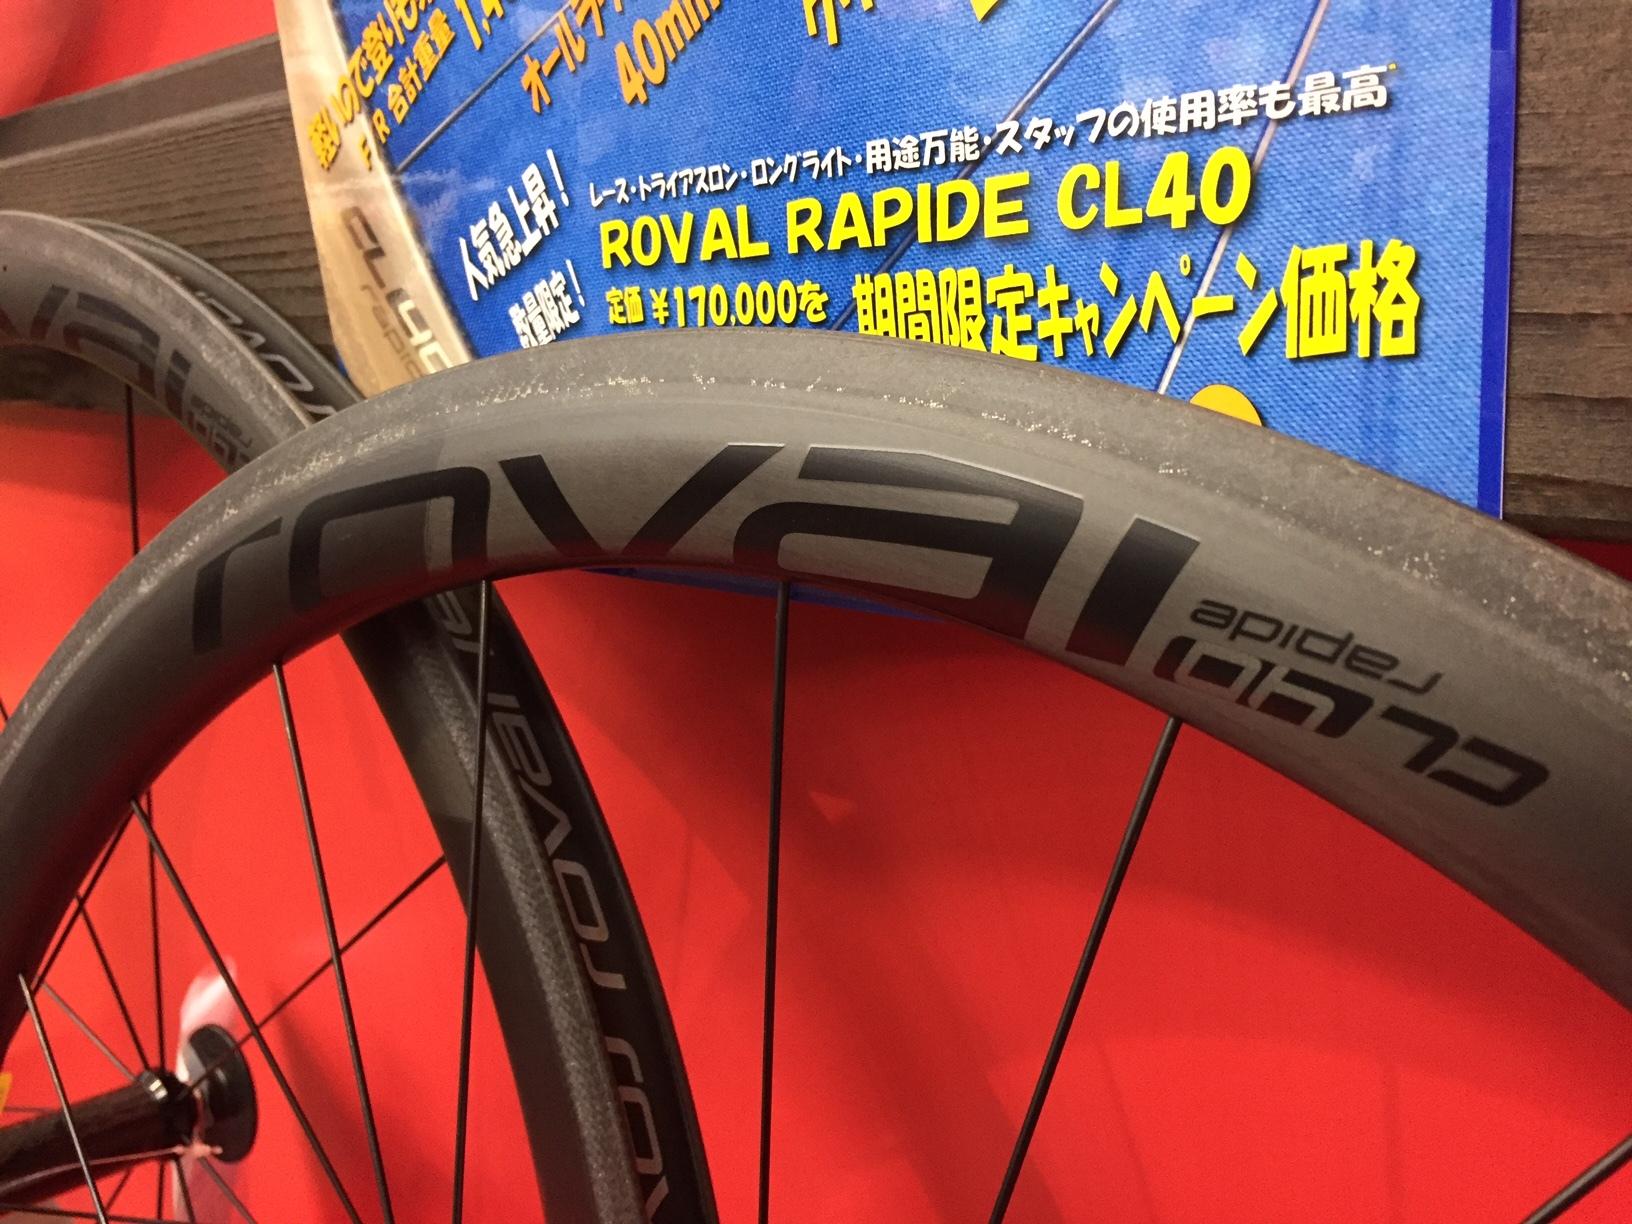 ROVAL-RAPIDE-CL40-2.jpg